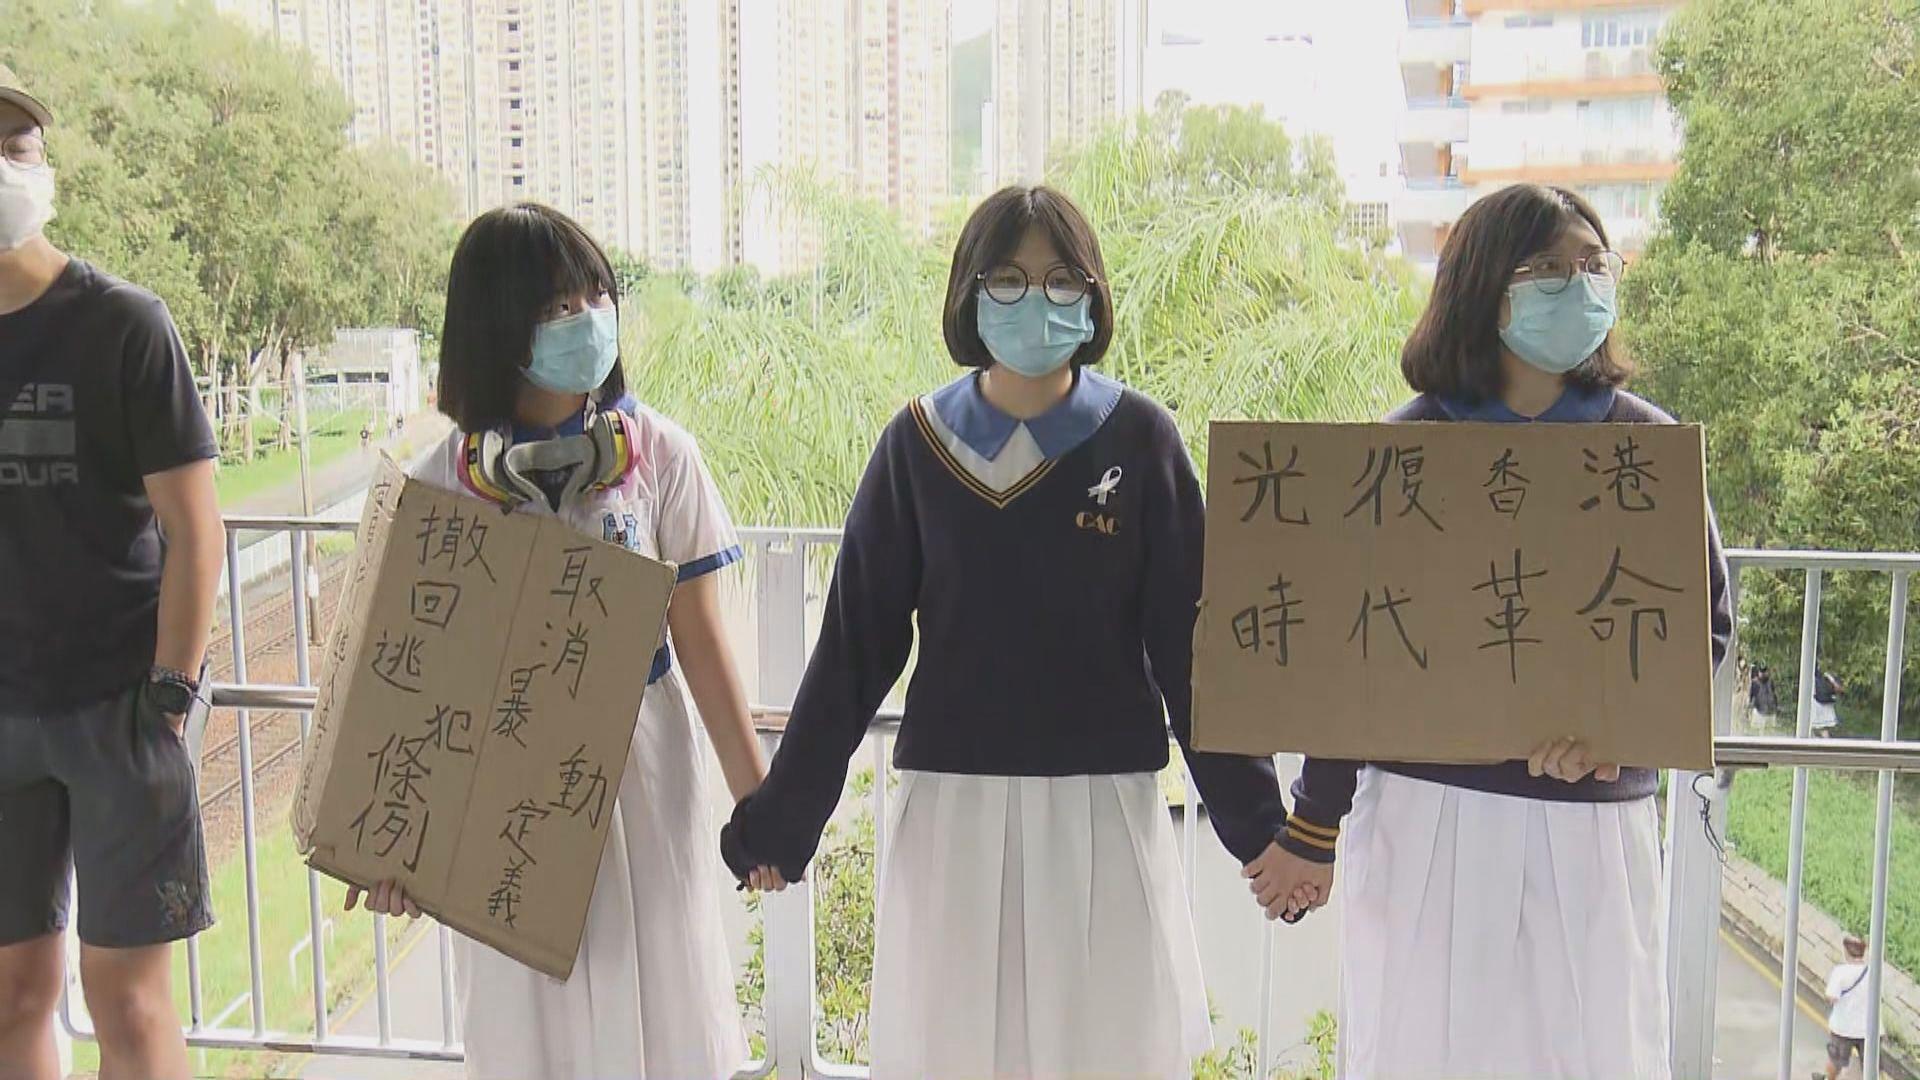 多間中學學生自發組成人鏈表達訴求